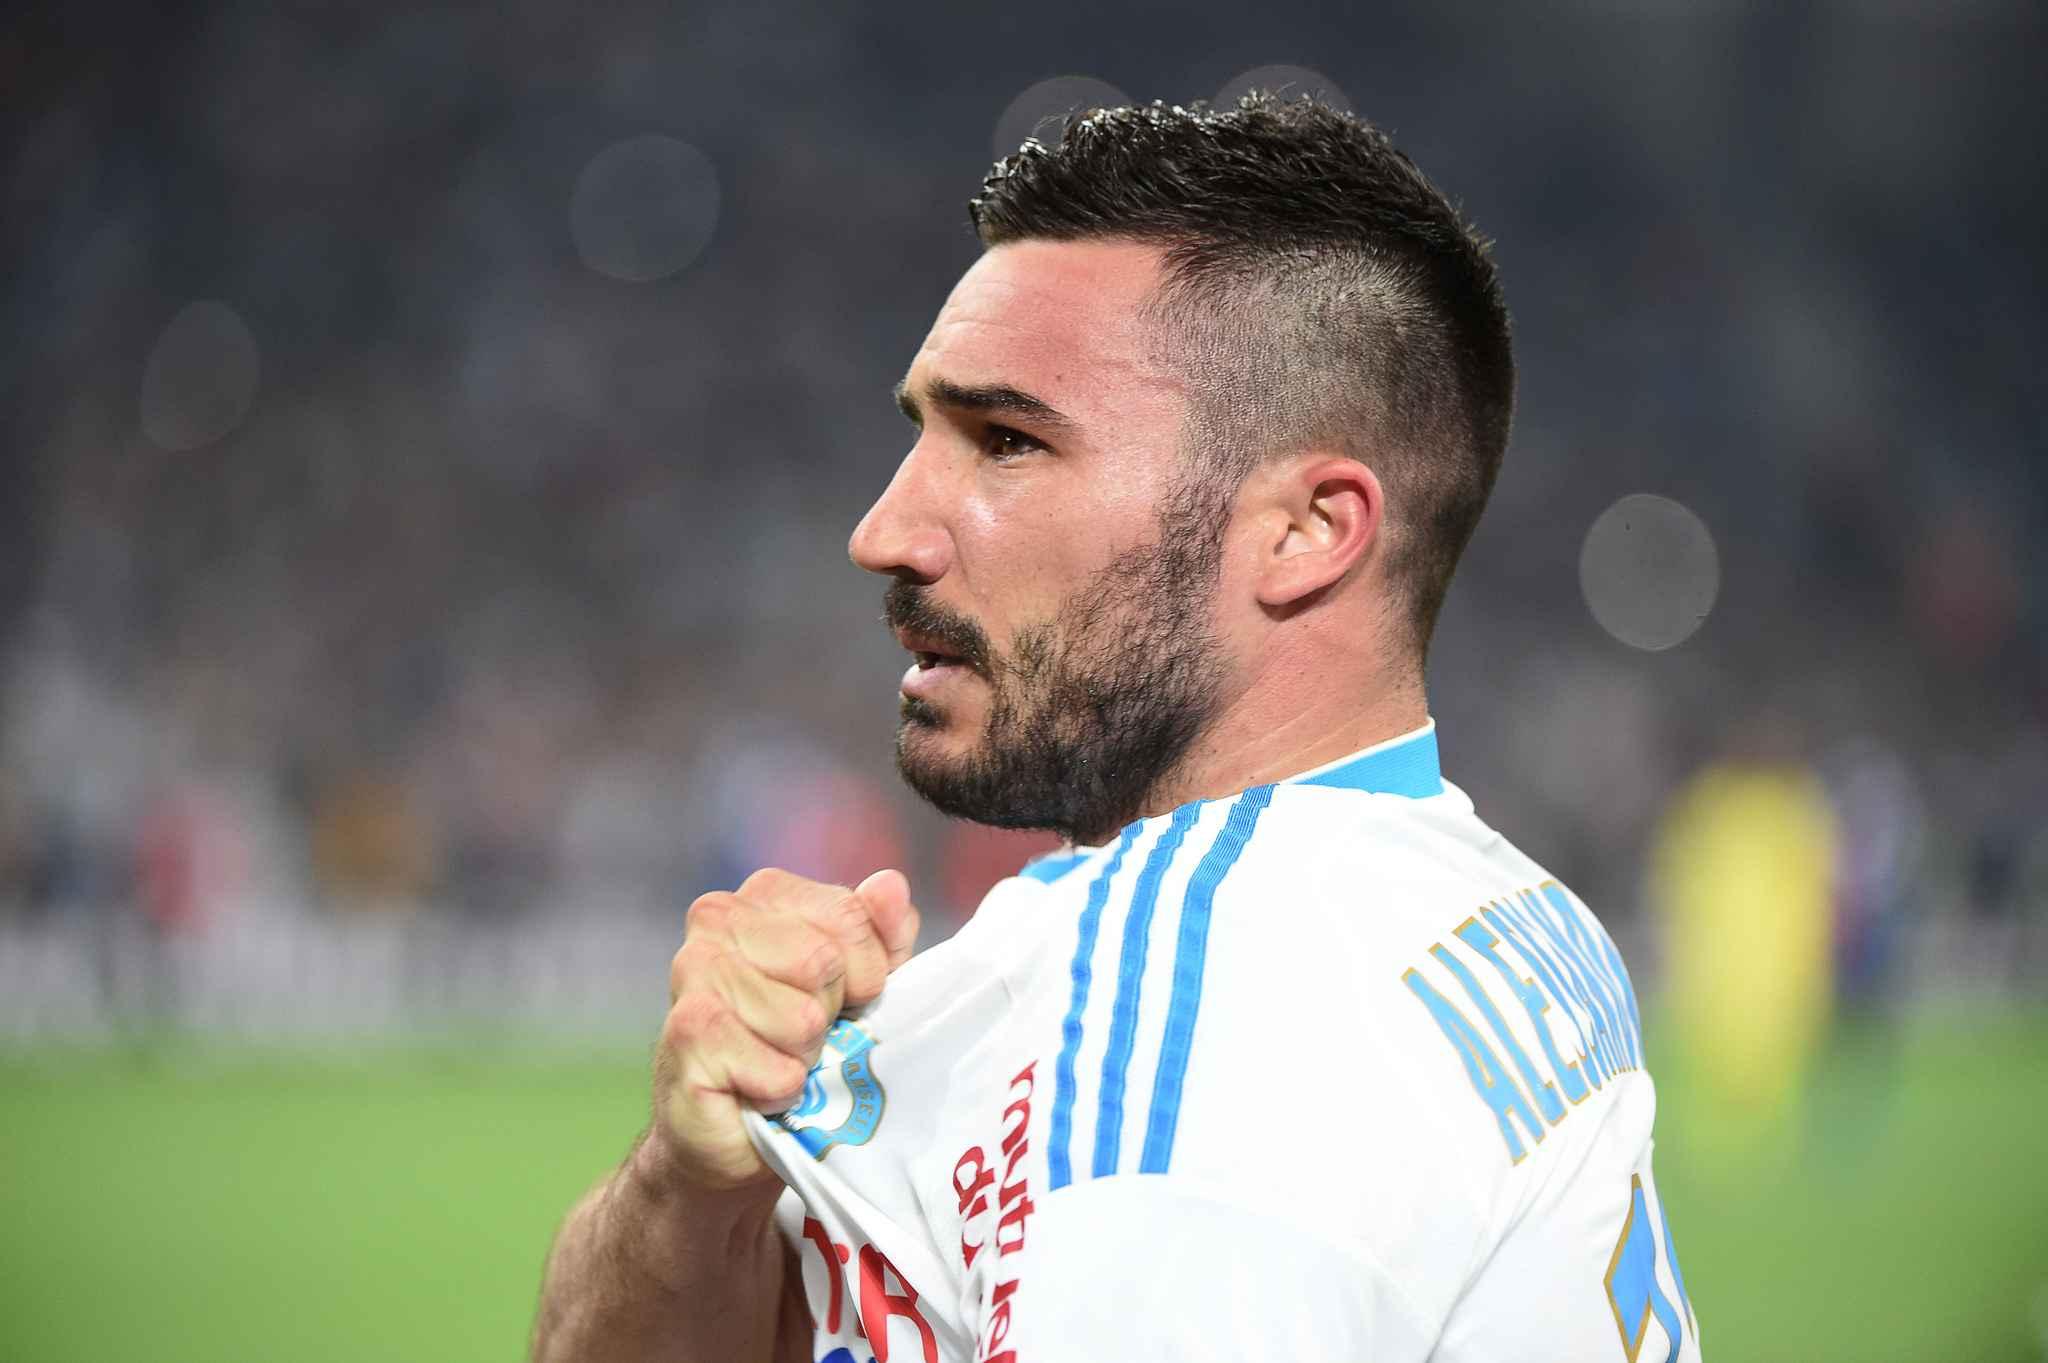 """CDF - PSG / OM, Alessandrini """"On doit tout faire pour ramener cette coupe à Marseille"""""""